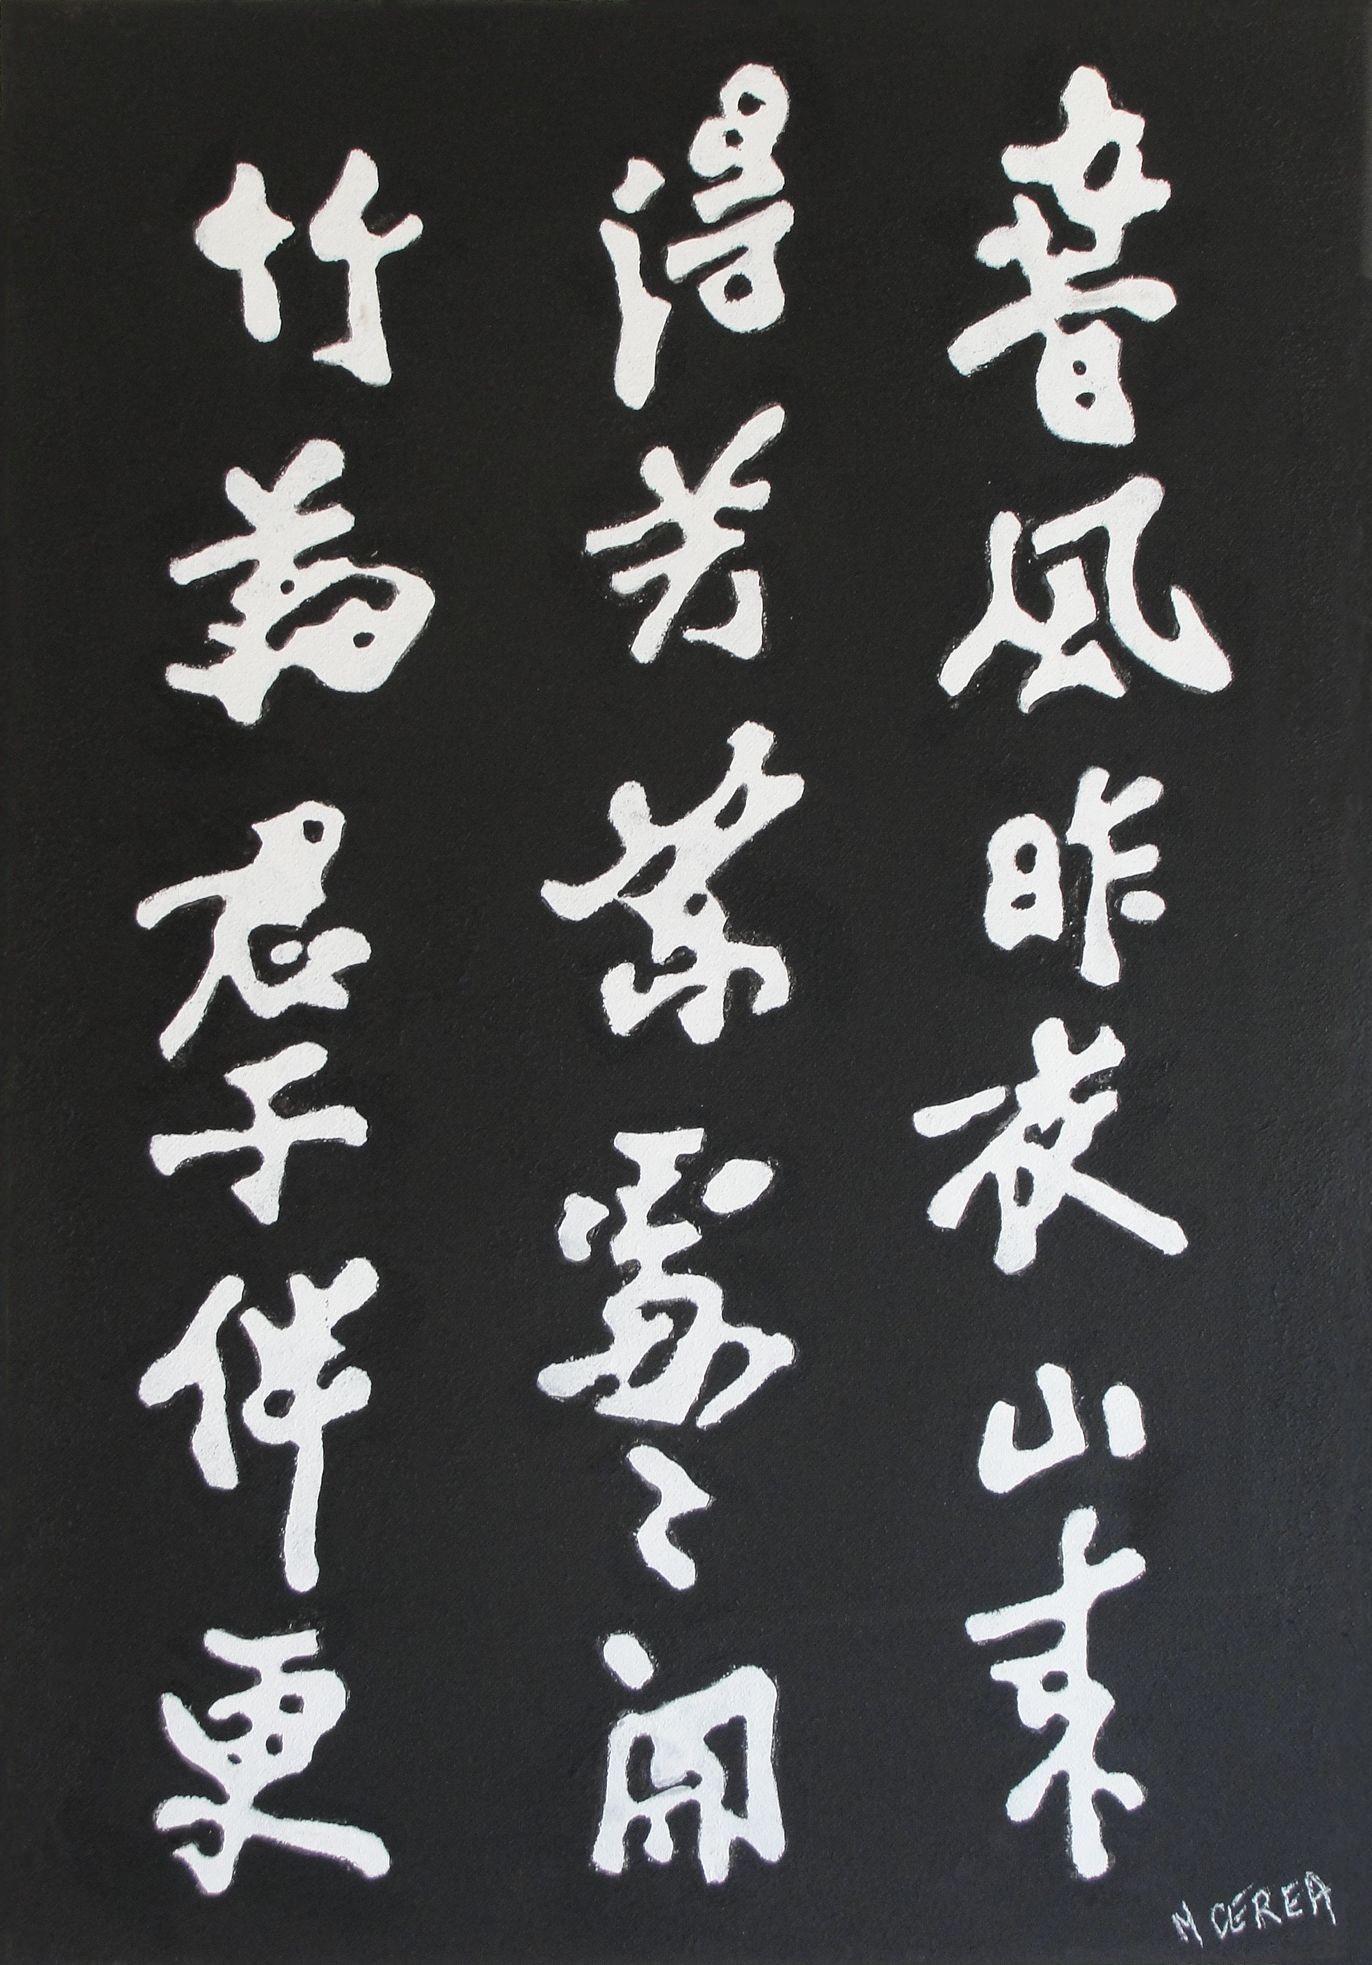 Peinture de calligraphie chinoise par Mireille Cerea